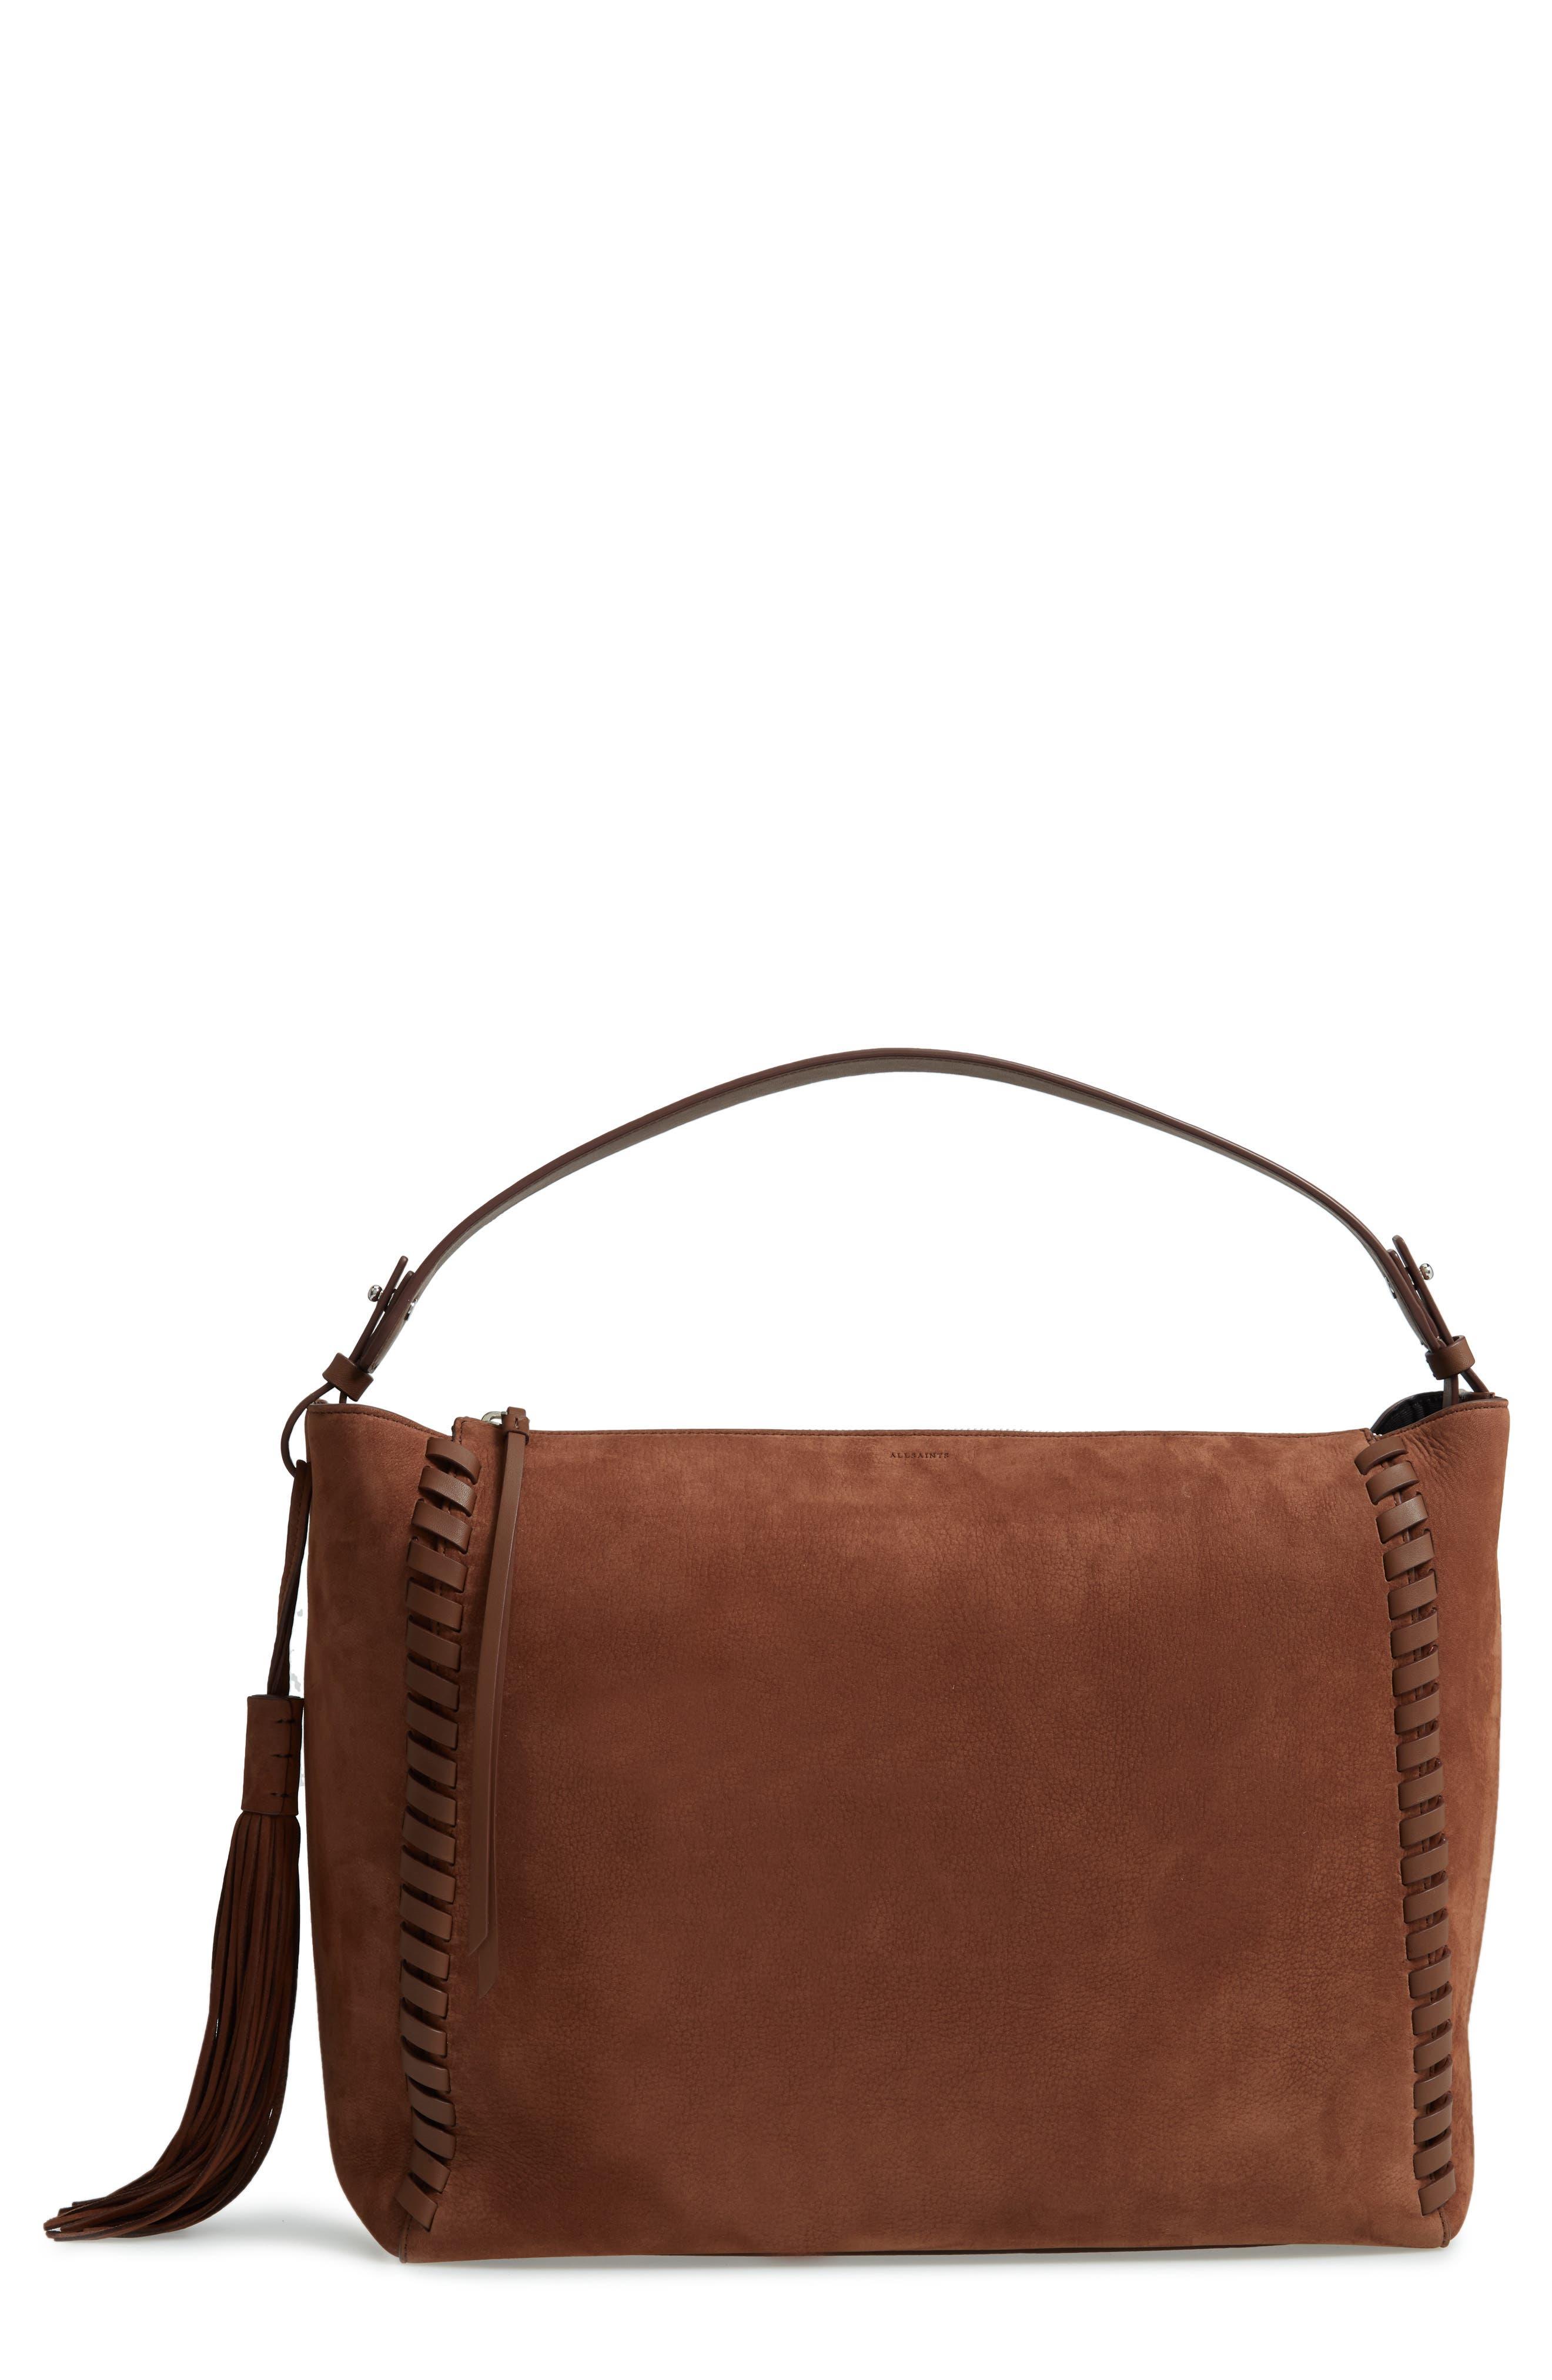 Kepi East/West Leather Shoulder Bag,                         Main,                         color, Coffee Brown